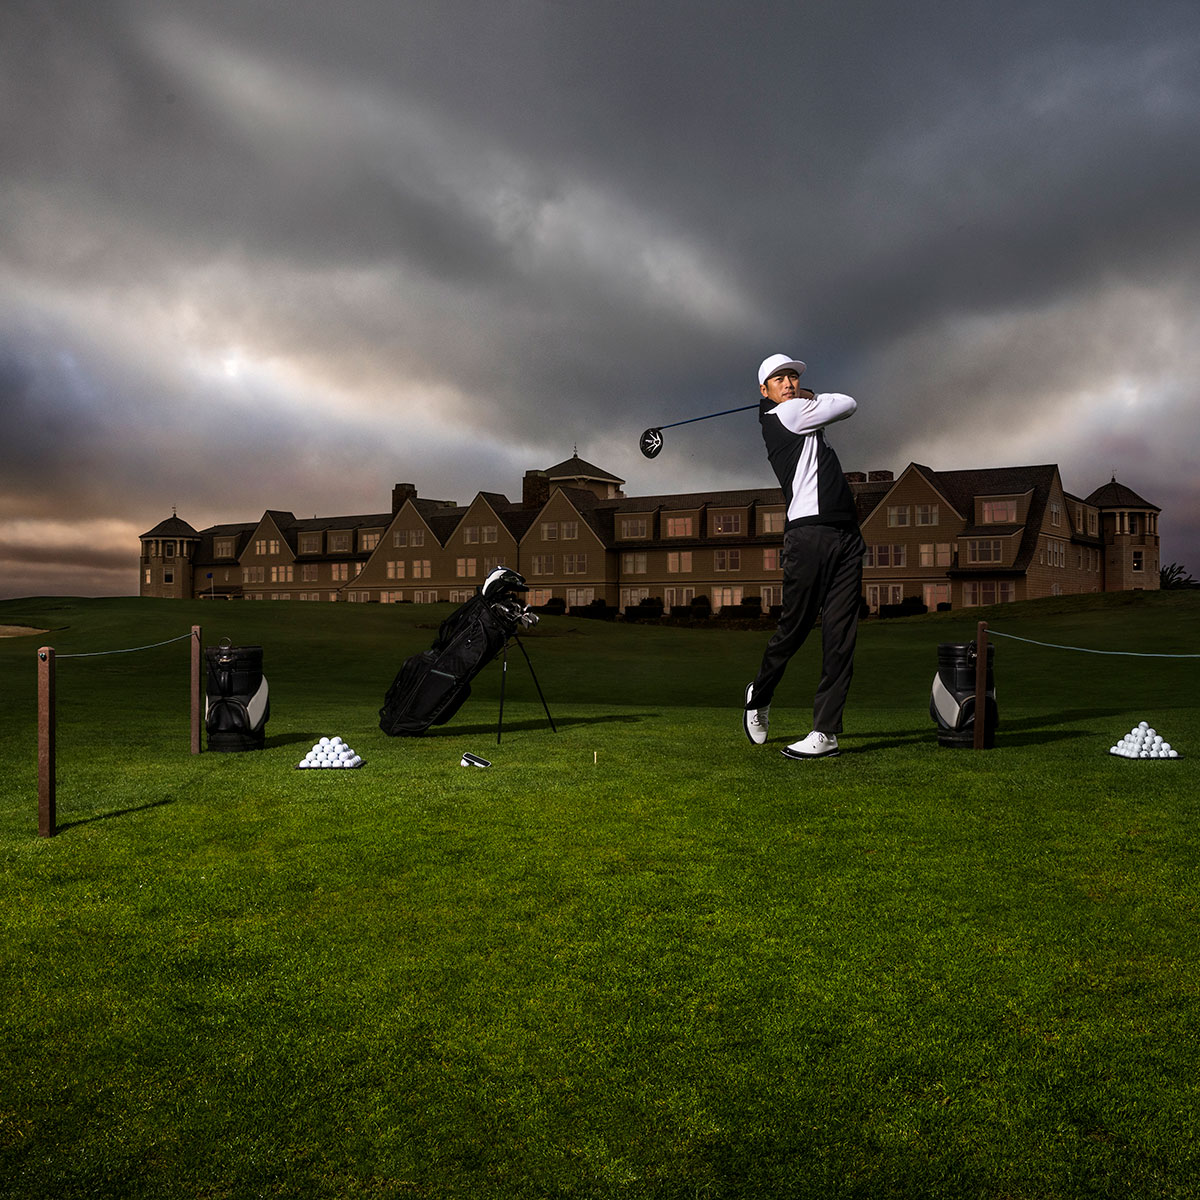 Garmin Approach G80 Gps Online Golf